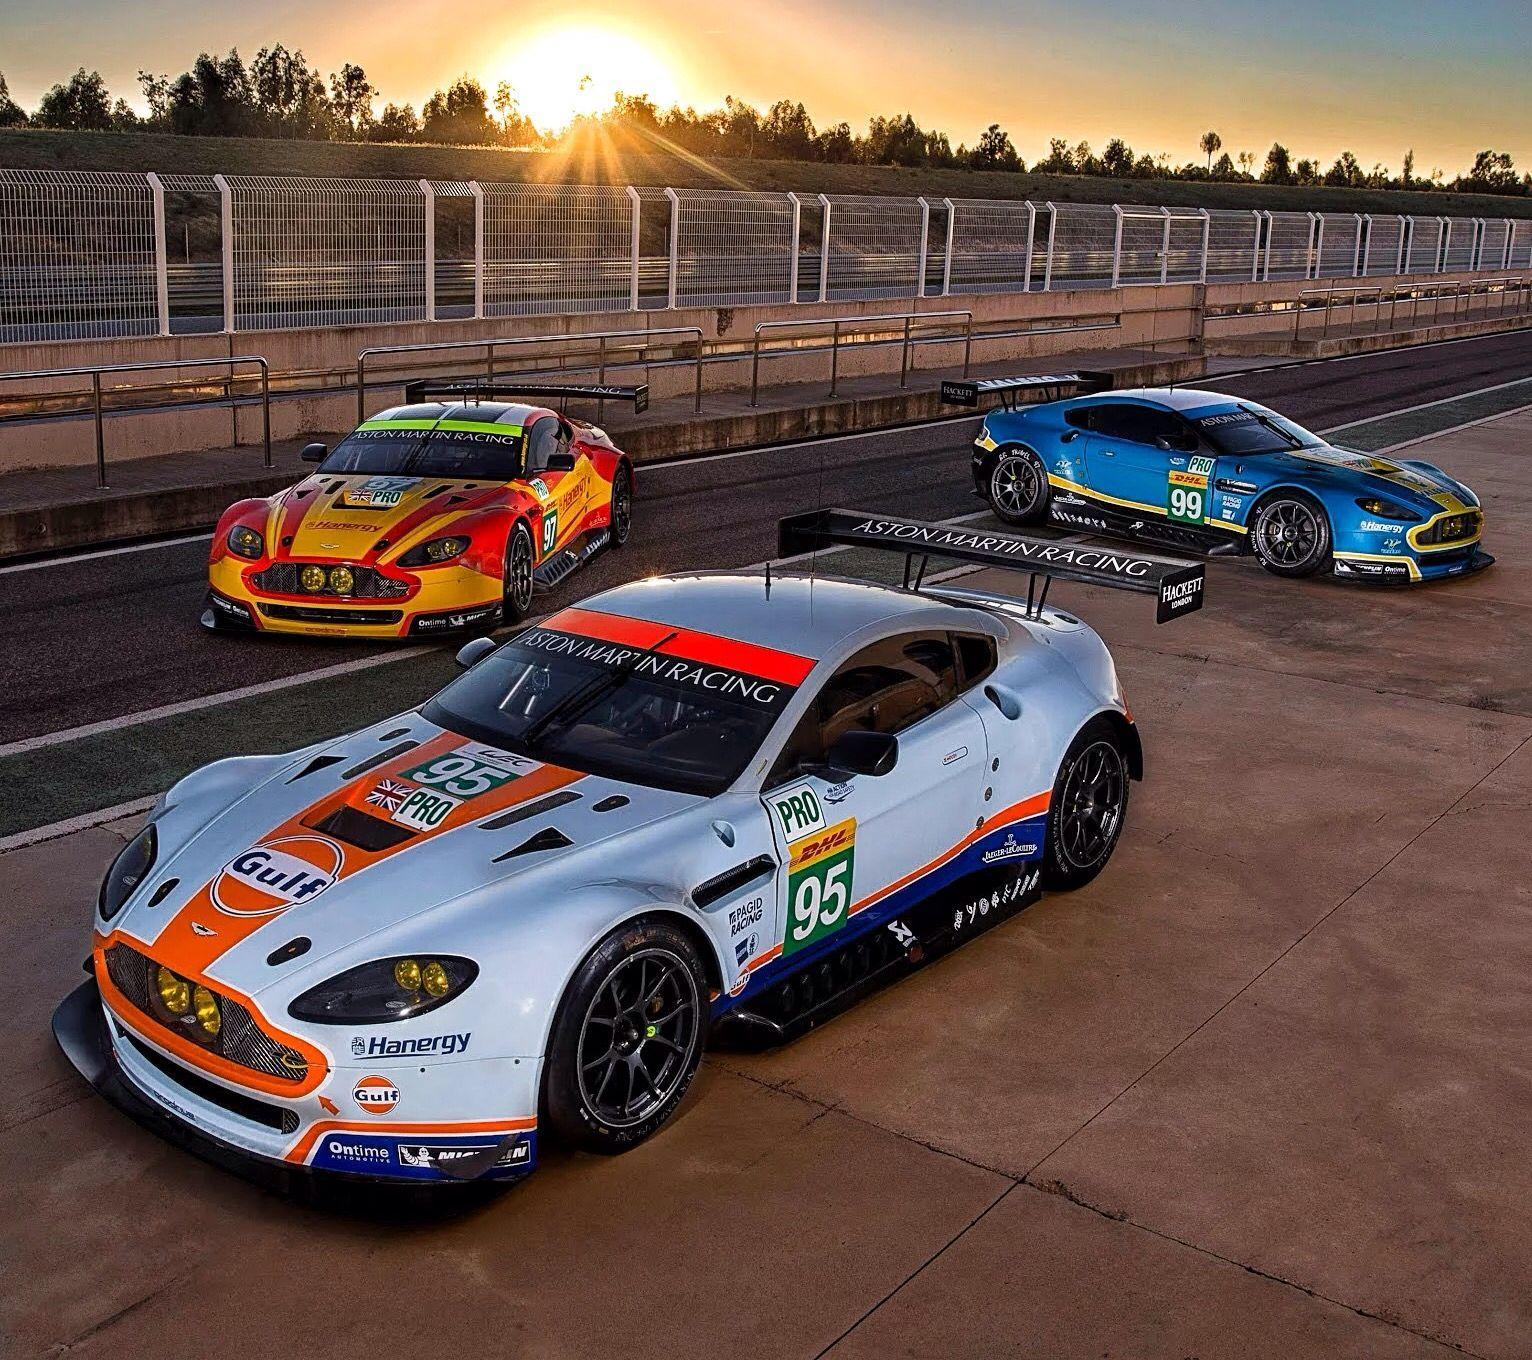 Aston Martin Race Car